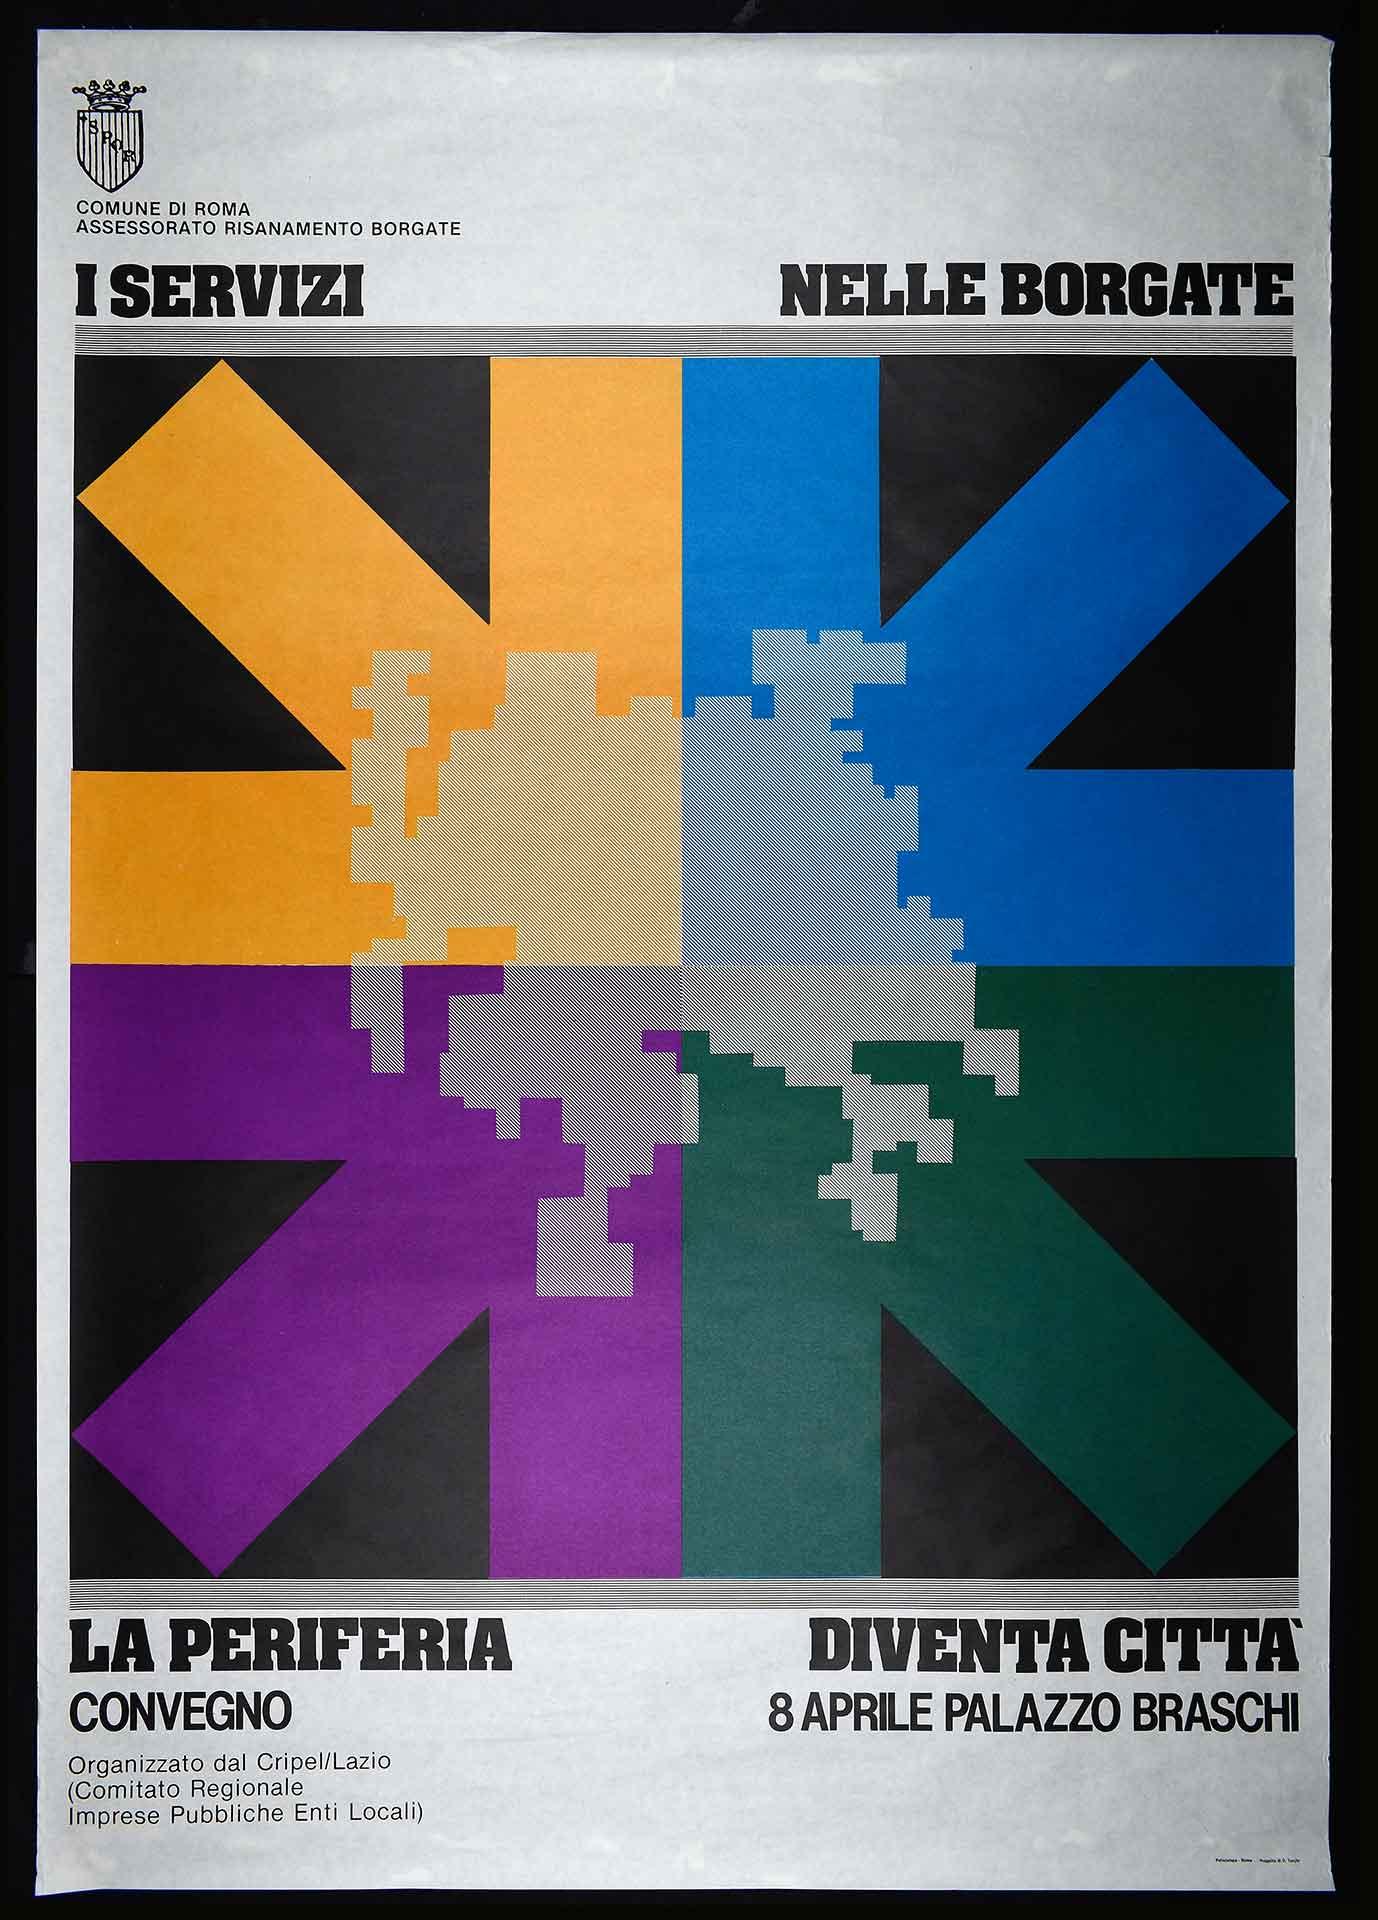 1976-1985. Comune di Roma, Assessorato risanamento borgate per il convegno sulla periferia cittadina. Stampa Polistampa, Roma. Progetto di D. Turchi. Campagna istituzionale.